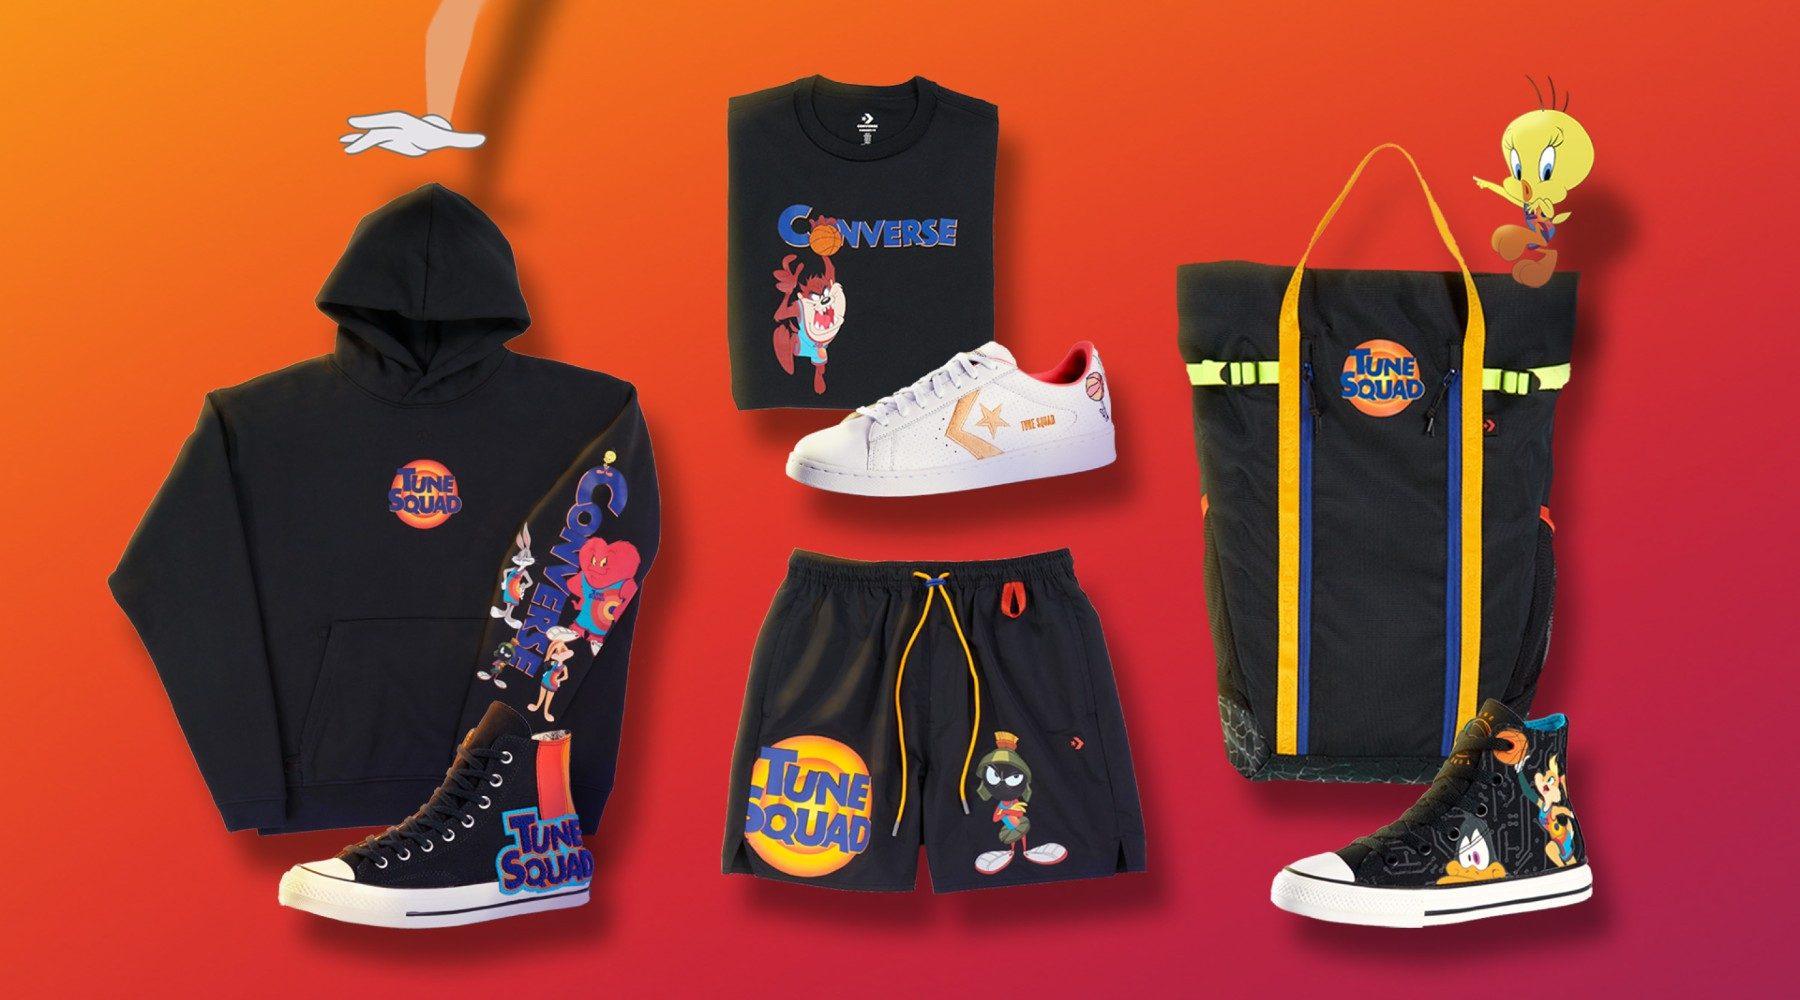 Nike Space Jam Clothing